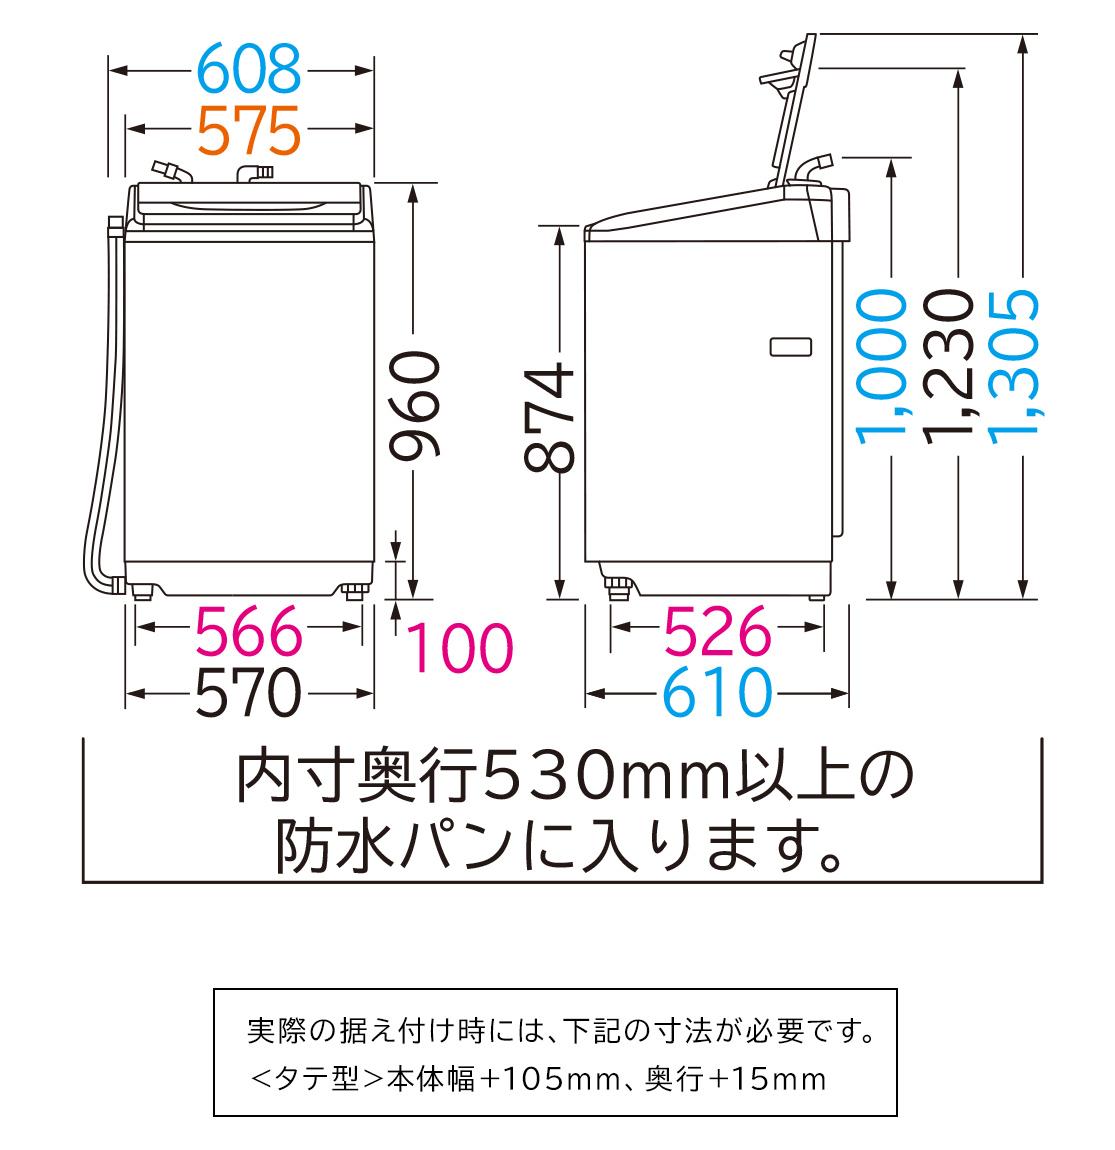 価格.com - 日立 ビートウォッシュ BW-T805 スペック・仕様